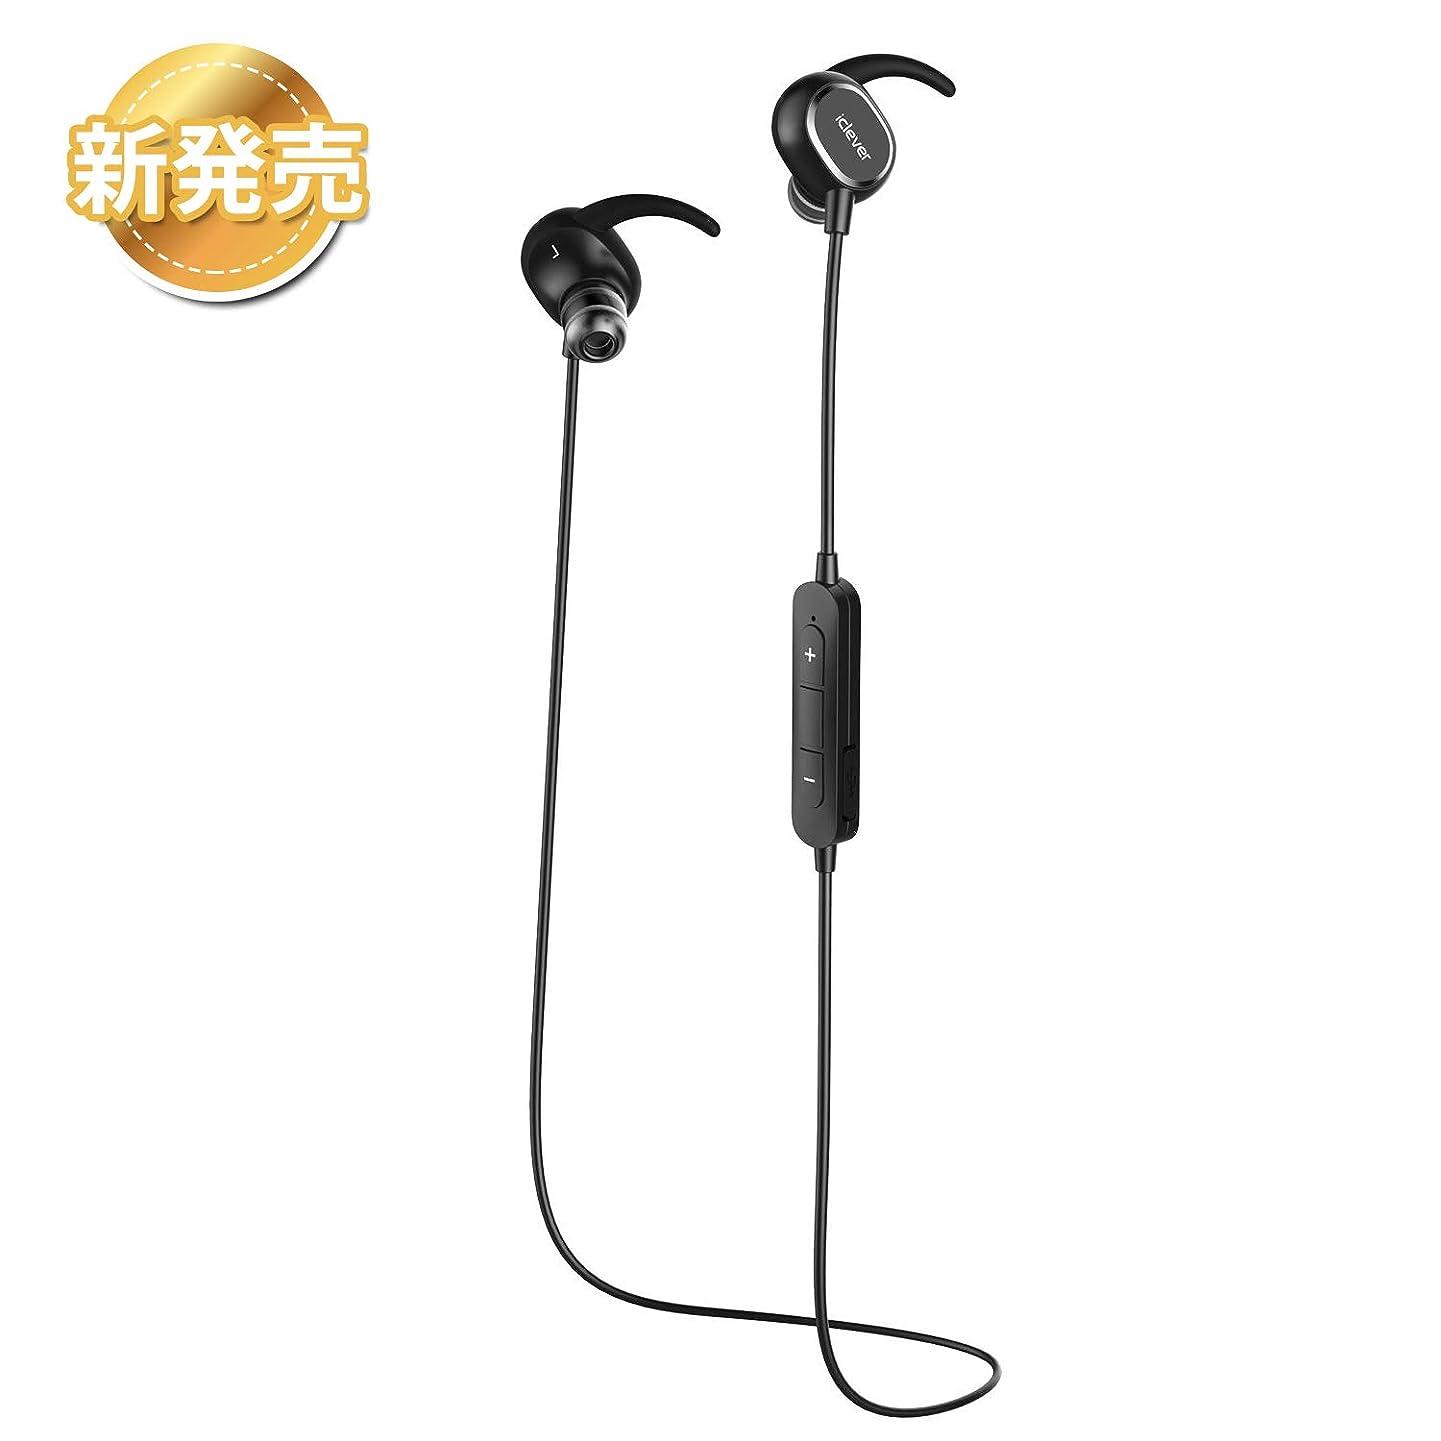 フェードぼかす降雨iClever Bluetooth イヤホン Bluetooth 4.1 スポーツ ヘッドフォン ワイヤレス ステレオ 防水 防汗 apt-X CSR8645 CVC 6.0 マイク 内蔵 ハンズフリー 通話 ( ブラック ) IC-BTH06